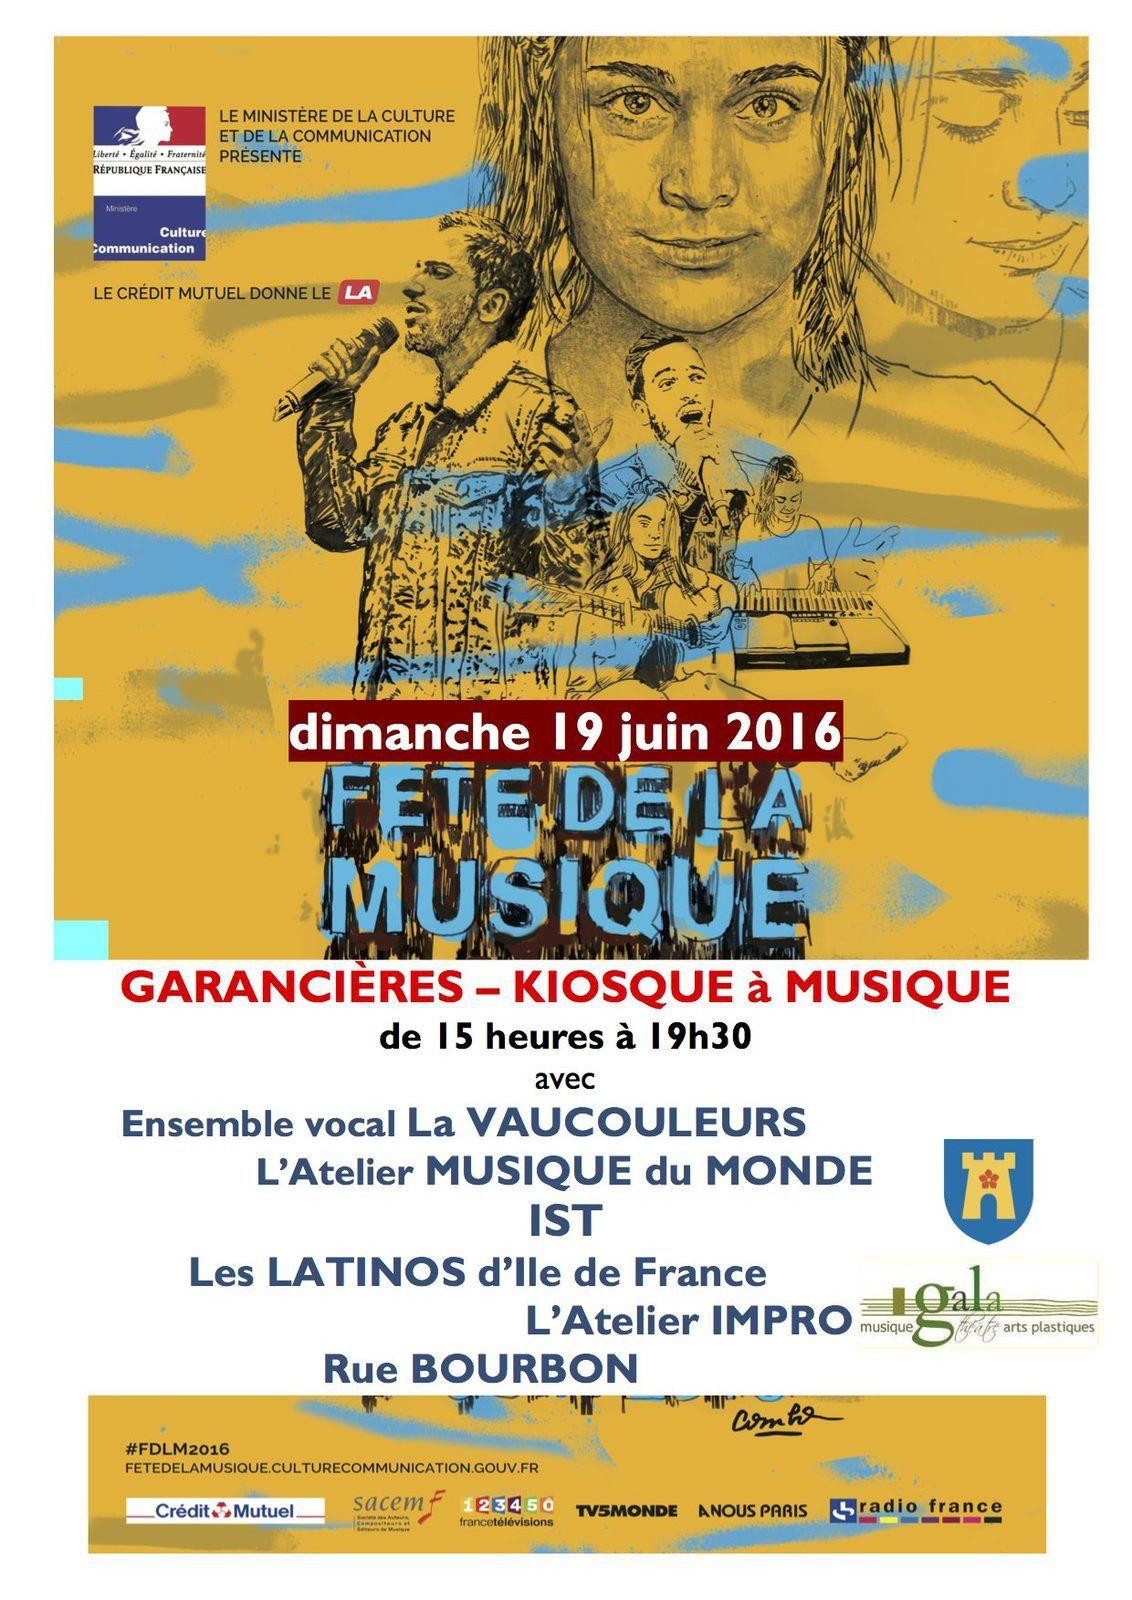 Programme Fête de la musique à Garancières : 19 juin